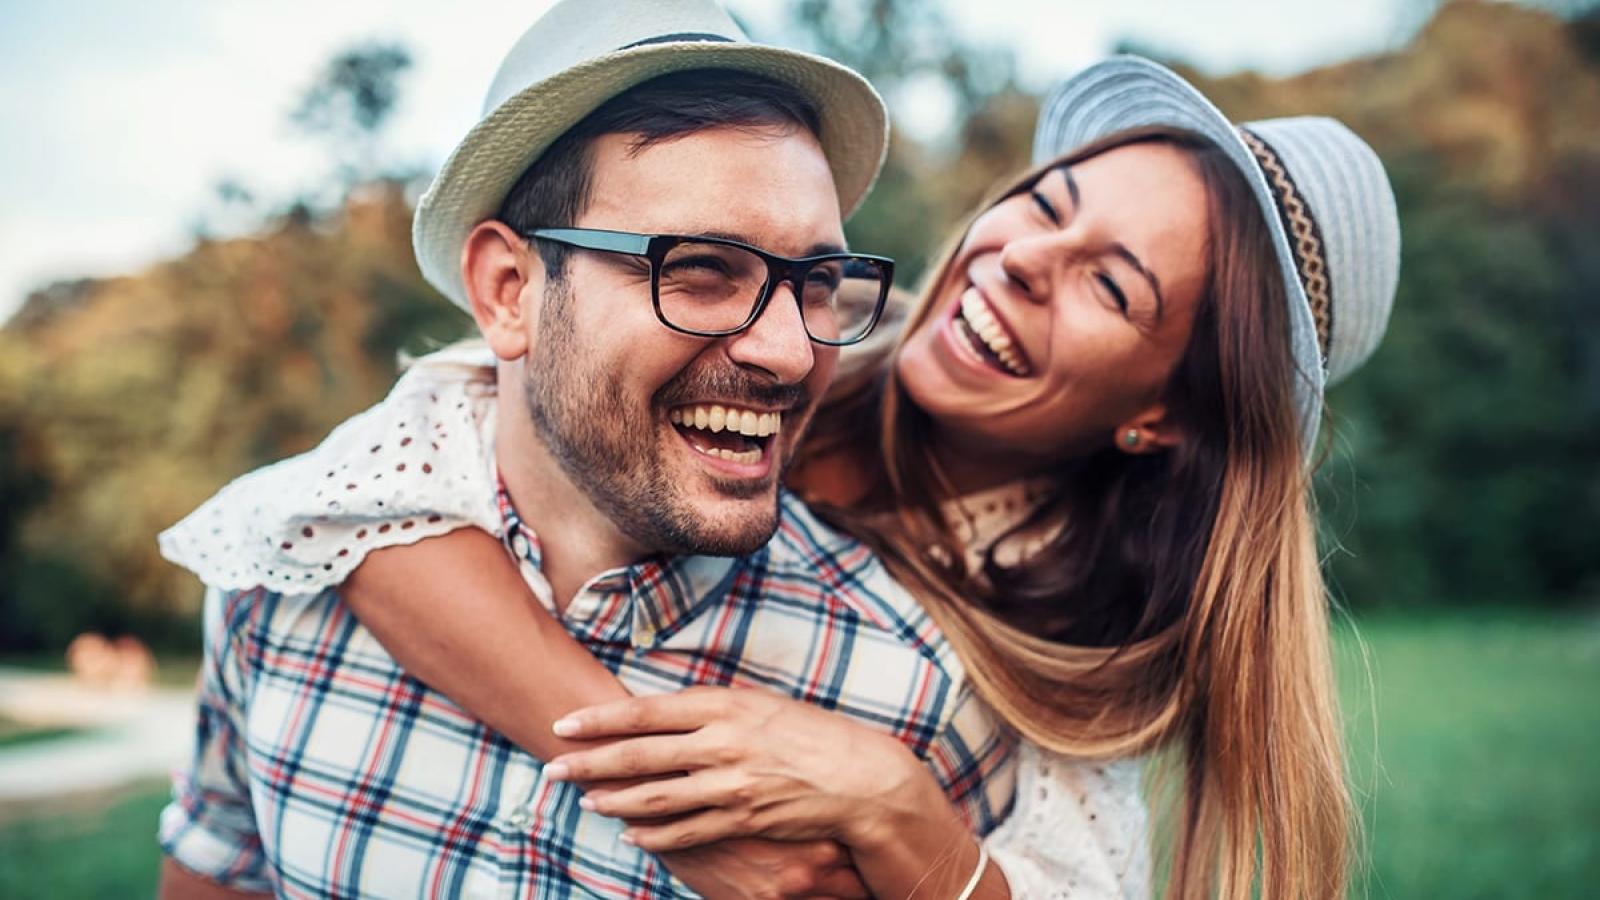 Tại sao ranh giới trong hôn nhân lại tốt cho mối quan hệ của bạn?